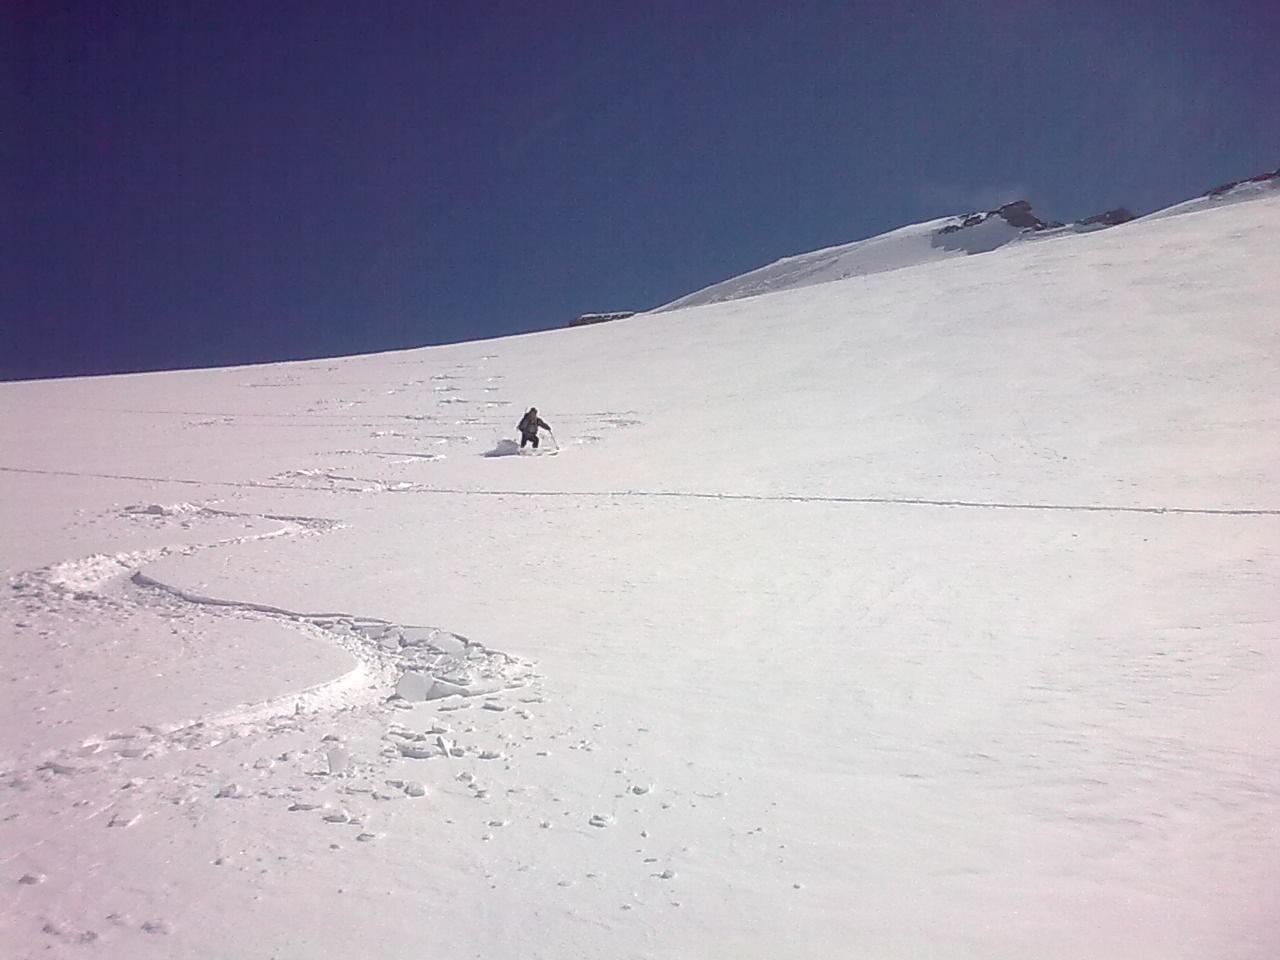 descente glacier charbonnel